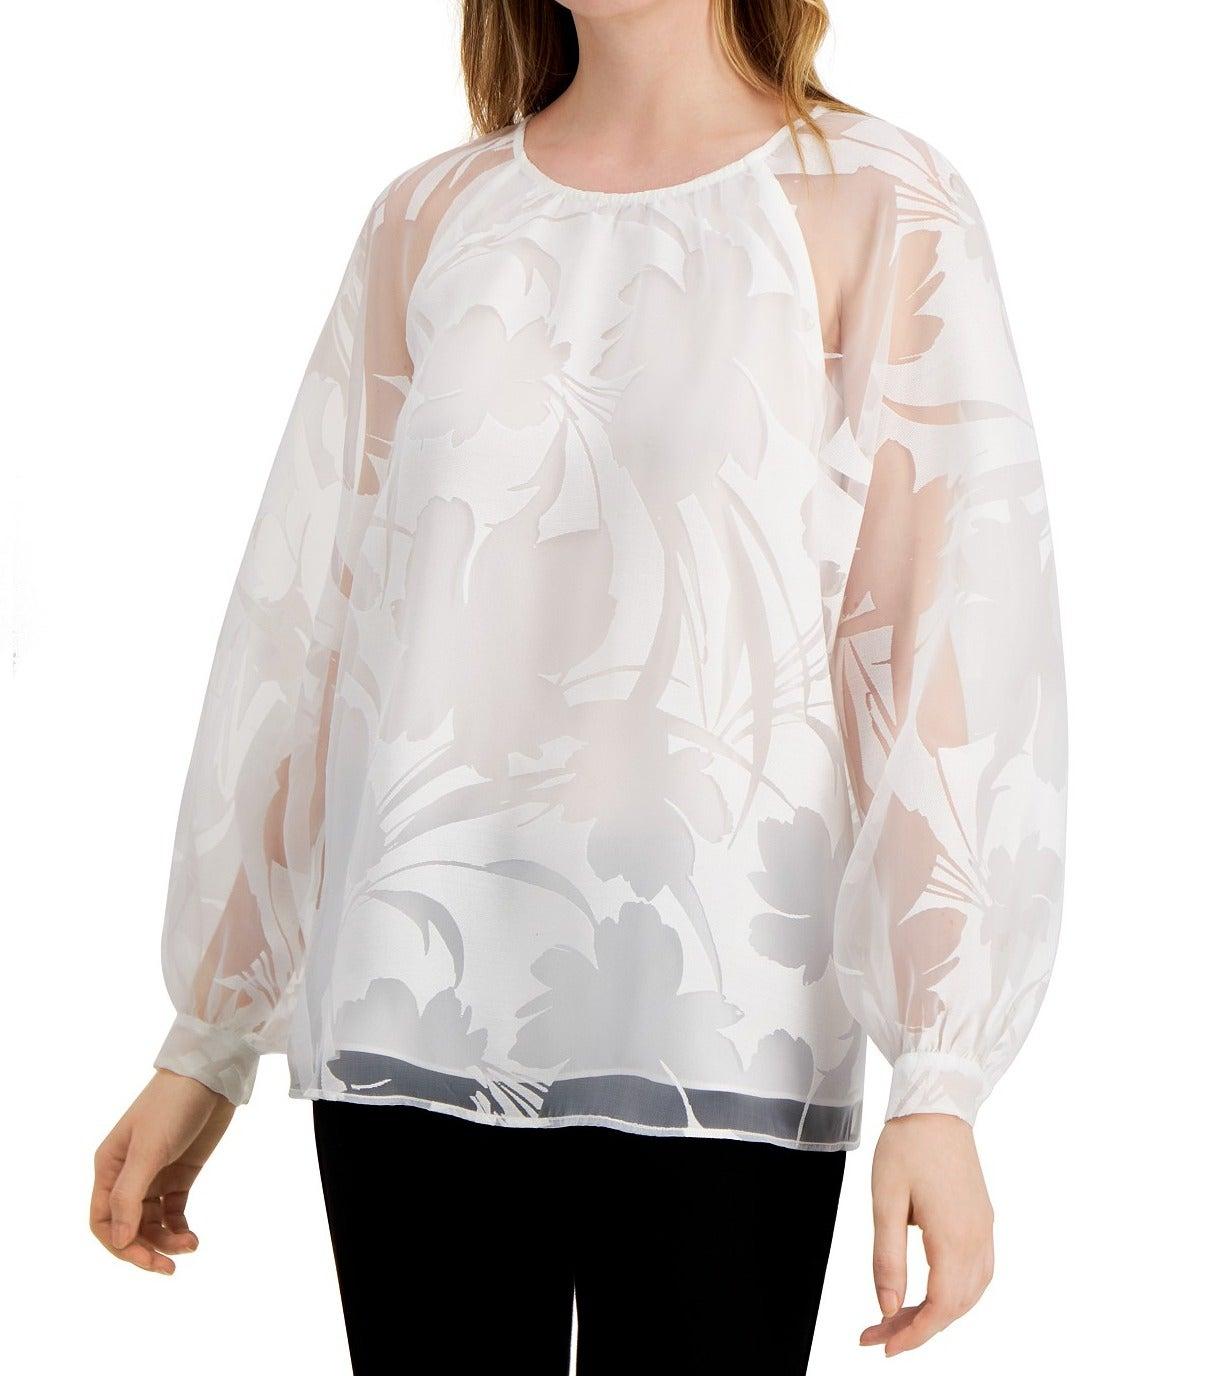 Alfani Women's Knit Top White Size XXL Floral Burnout Raglan-Sleeve